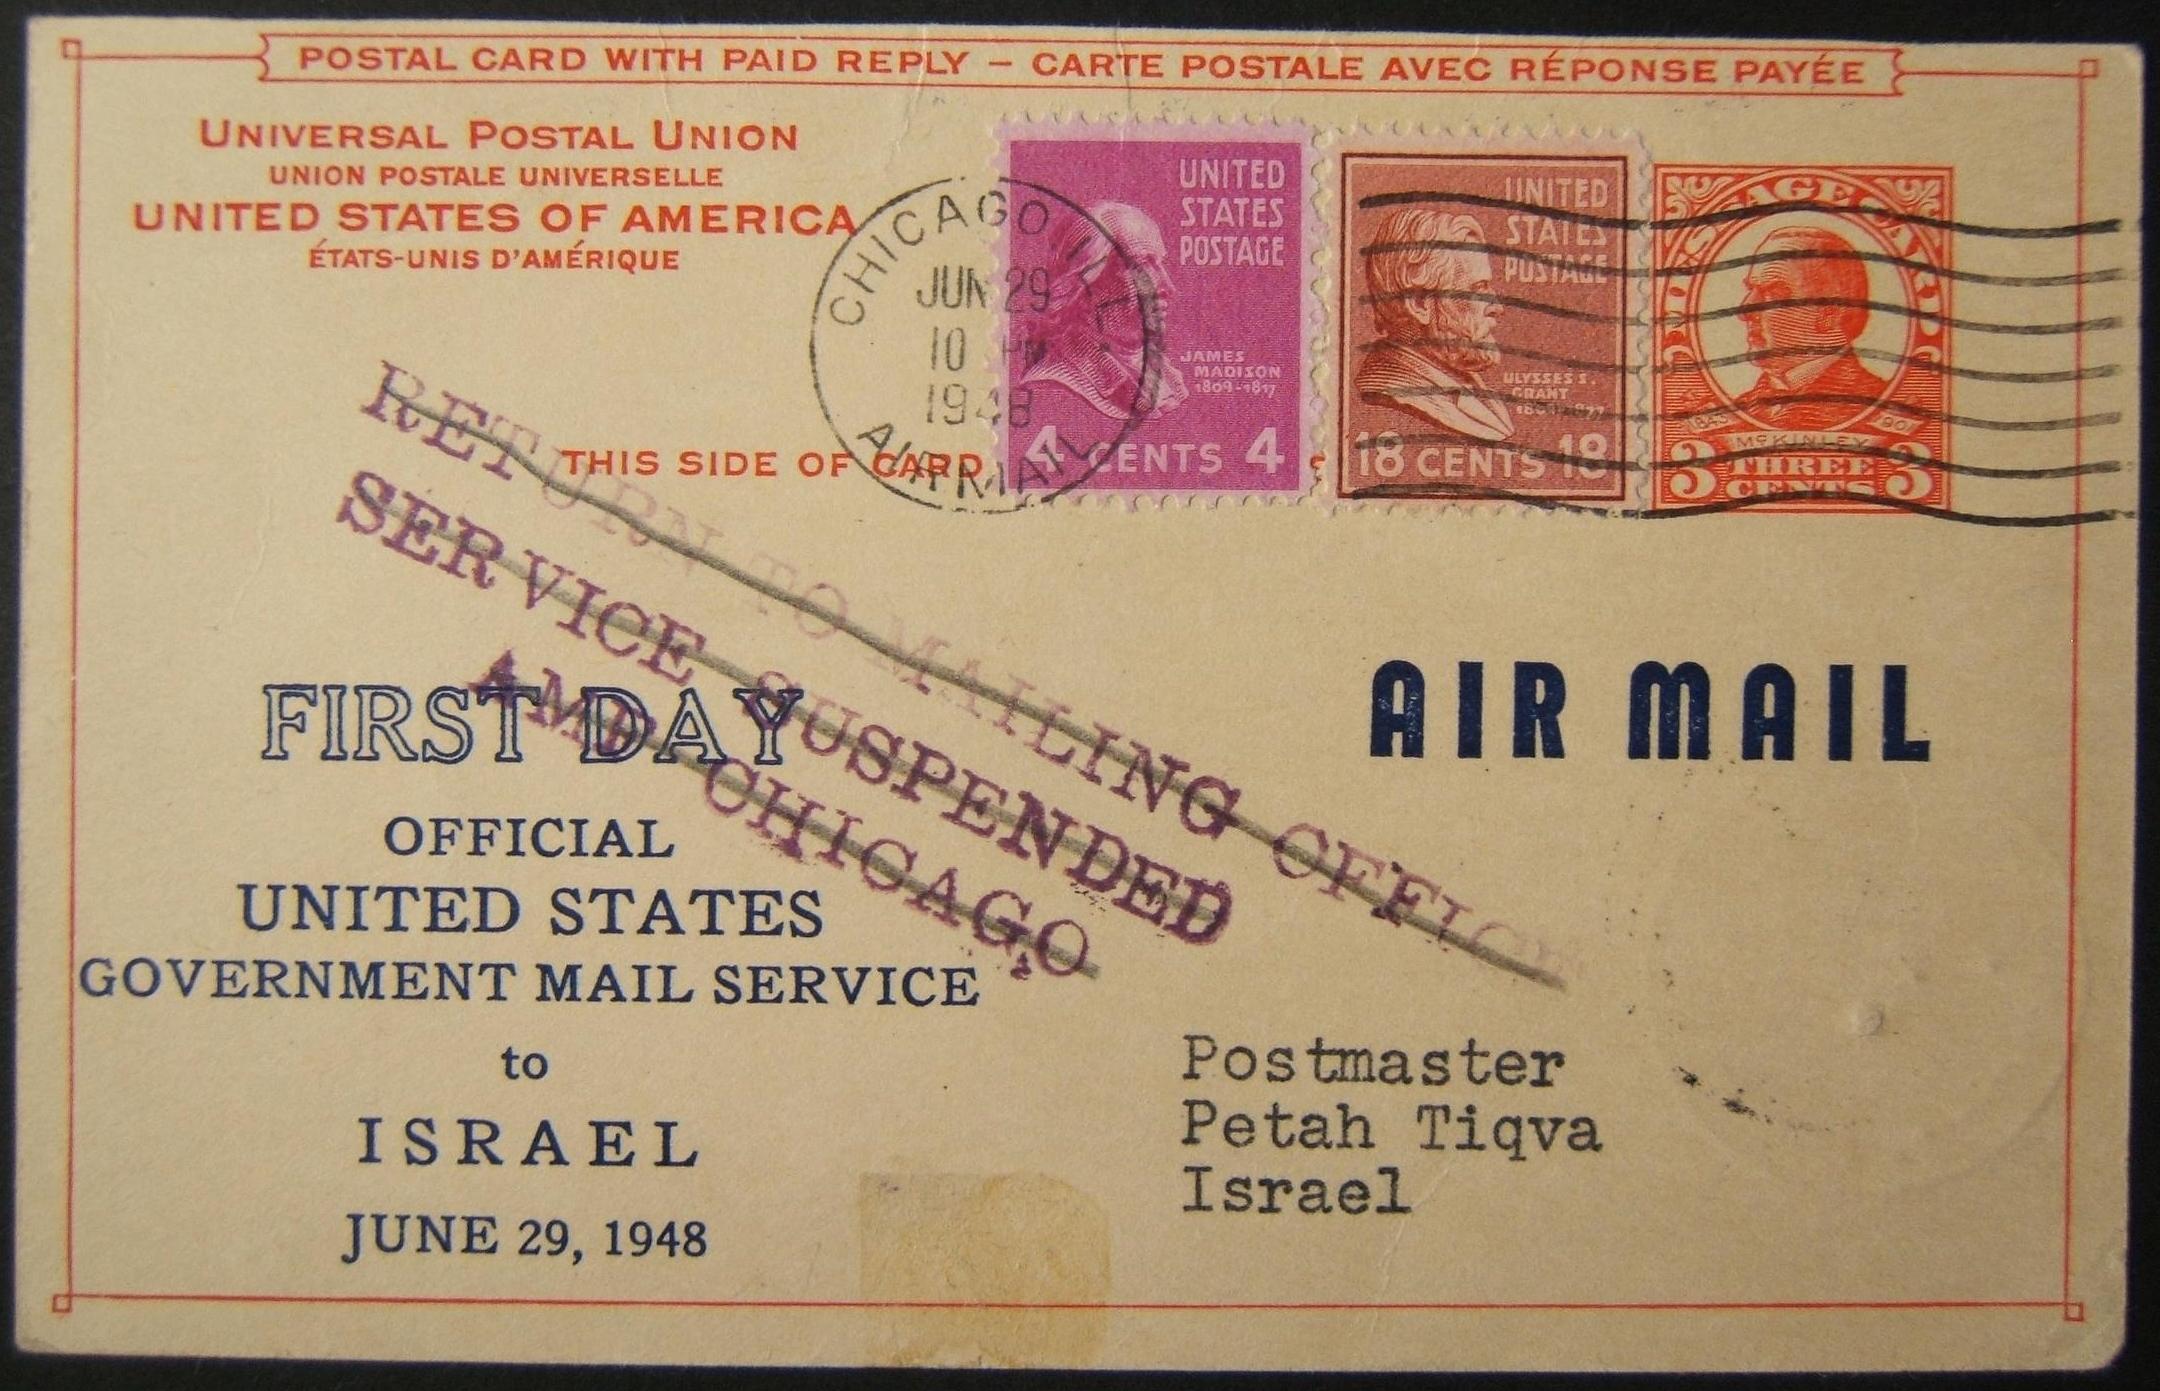 6/1948 أمريكا أول يوم البريد الجوي إلى إسرائيل المتضررة من تعليق البريد ثم ارسلت